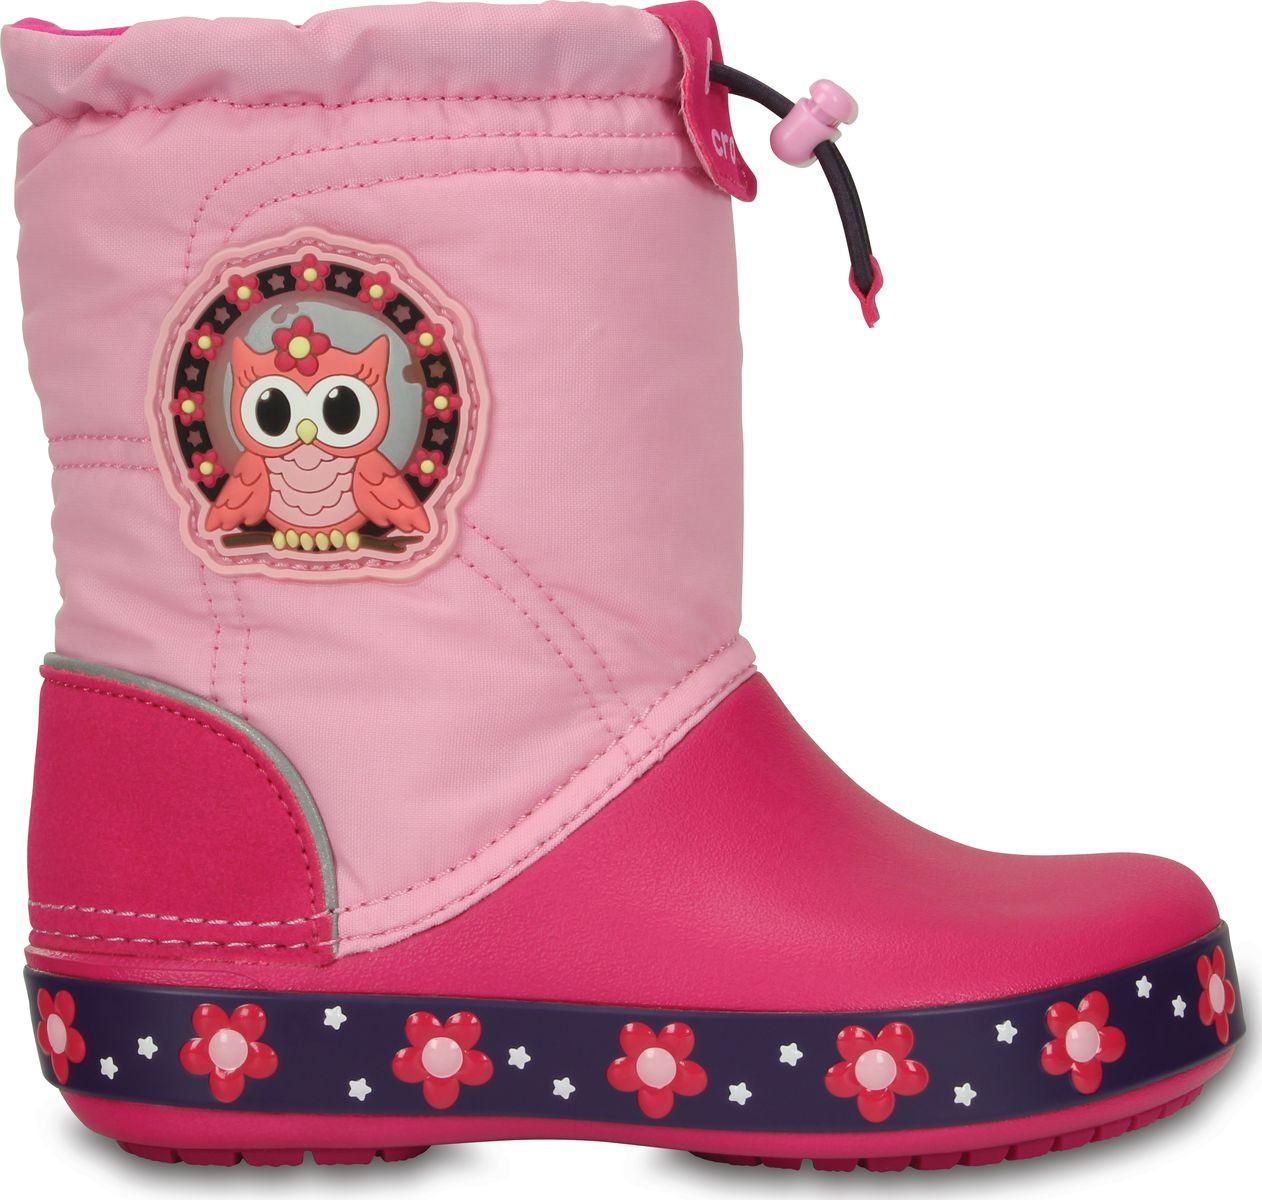 276668cc1 Сапоги зимние для девочки Crocs Kids CrocsLights LodgePoint Night Owl Boot  / непромокаемые светящиеся Сова, ...